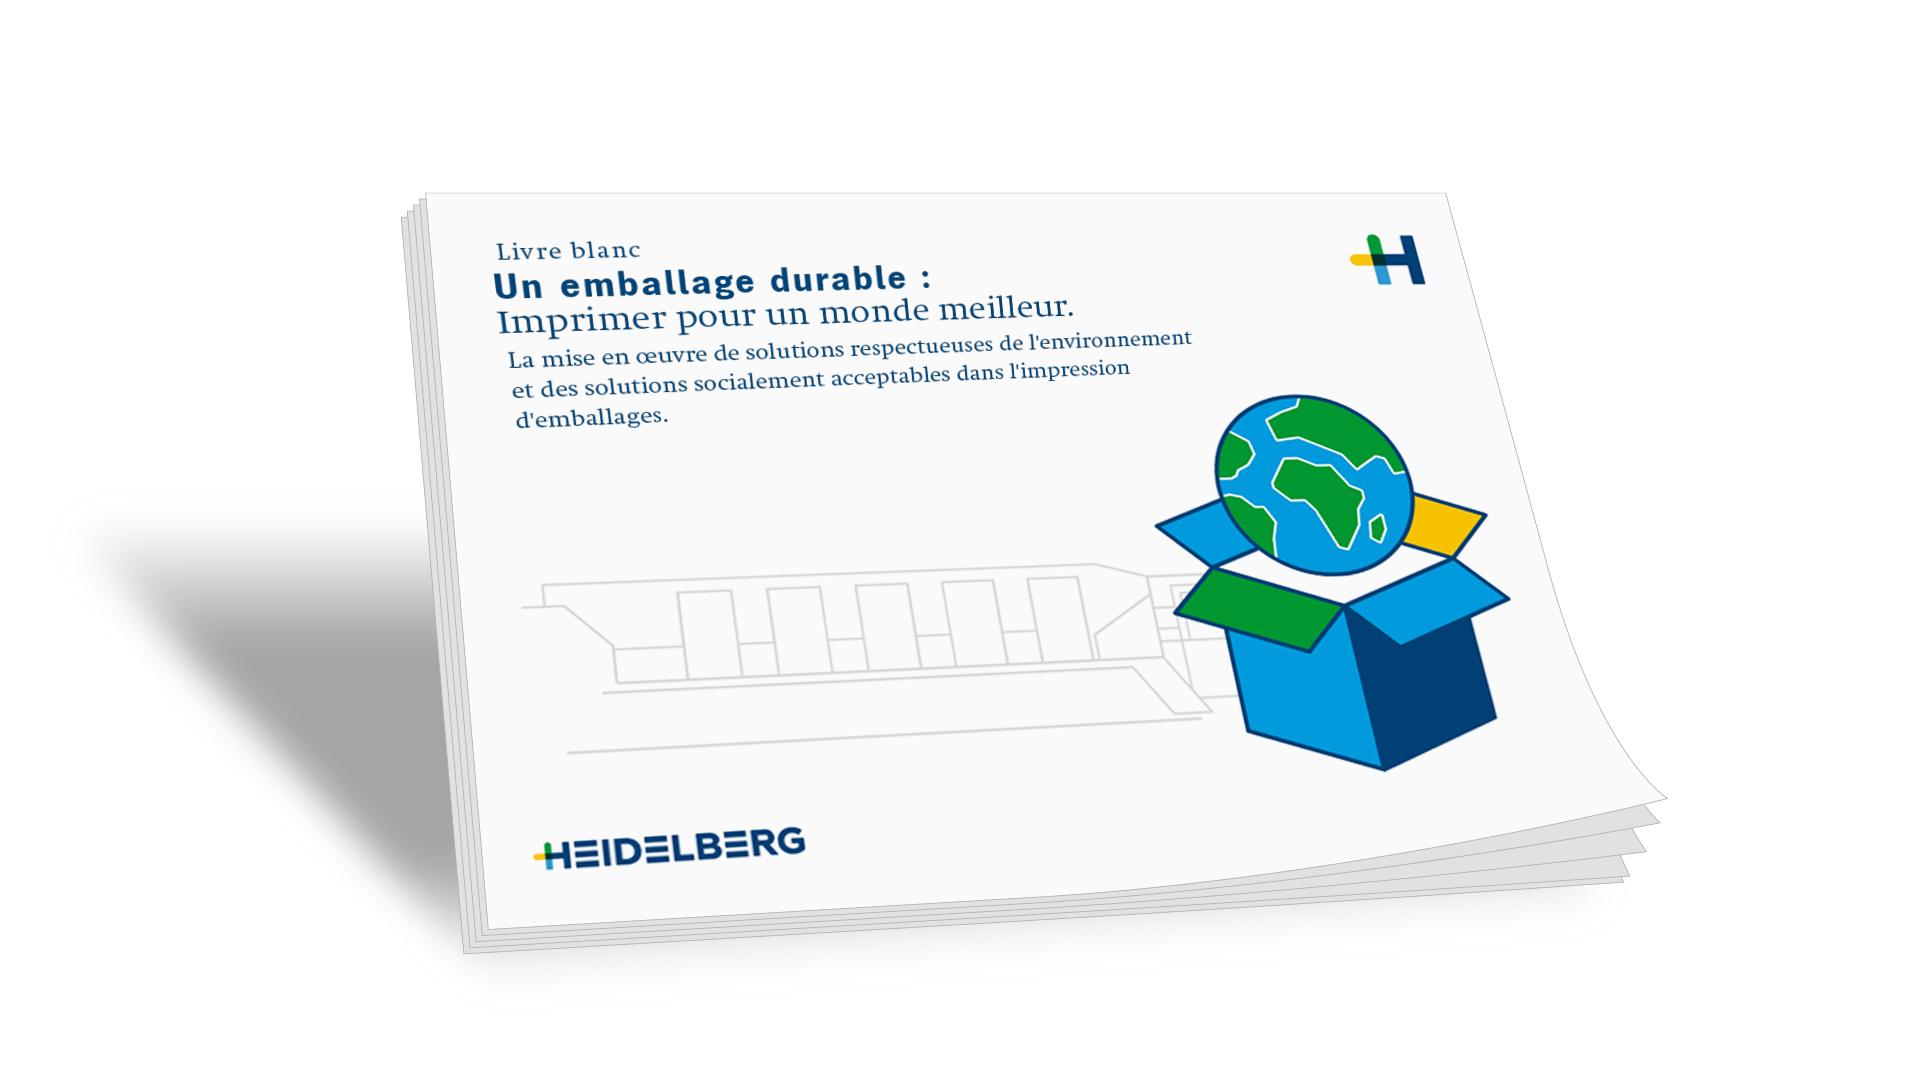 Livre blanc: Emballage durable : imprimer pour un monde meilleur.